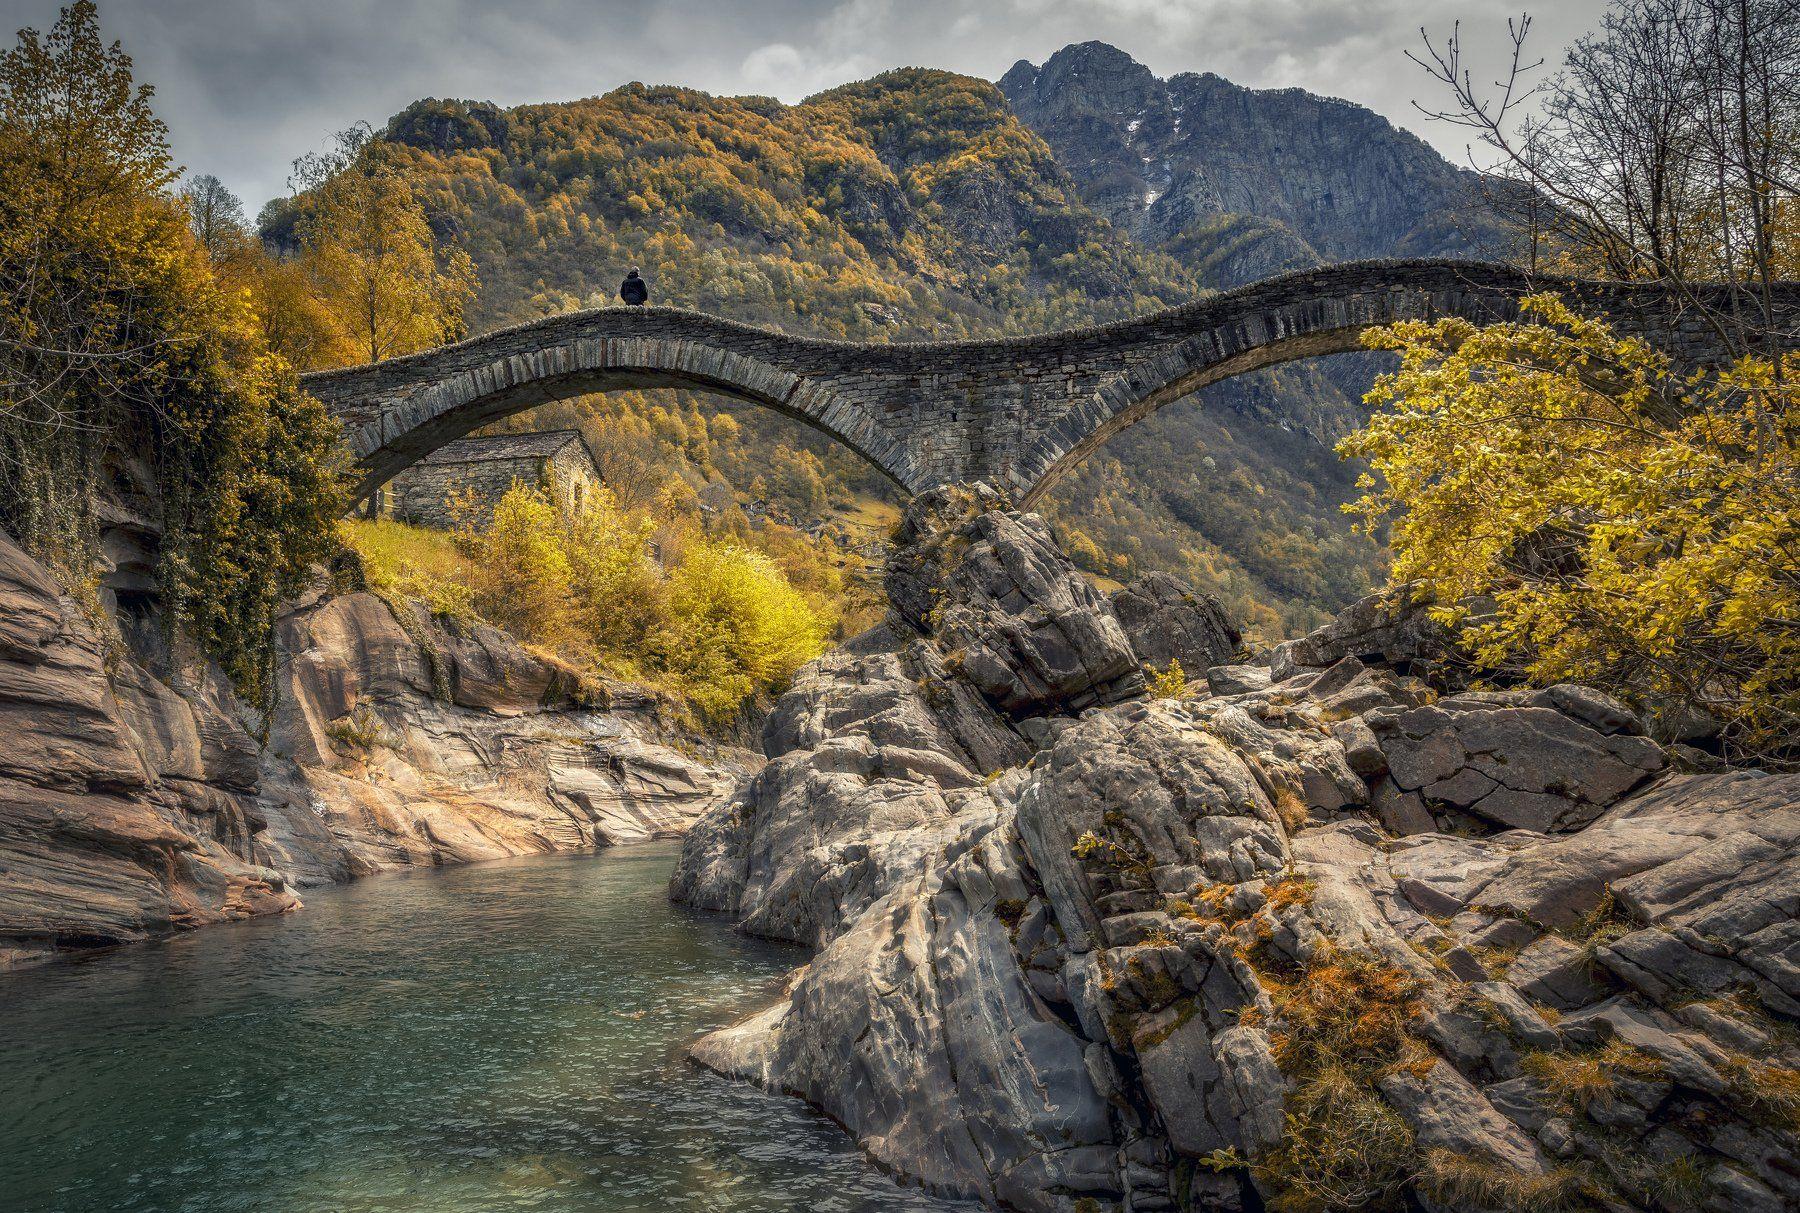 мост, река, камни, Alexandr Bezmolitvenny